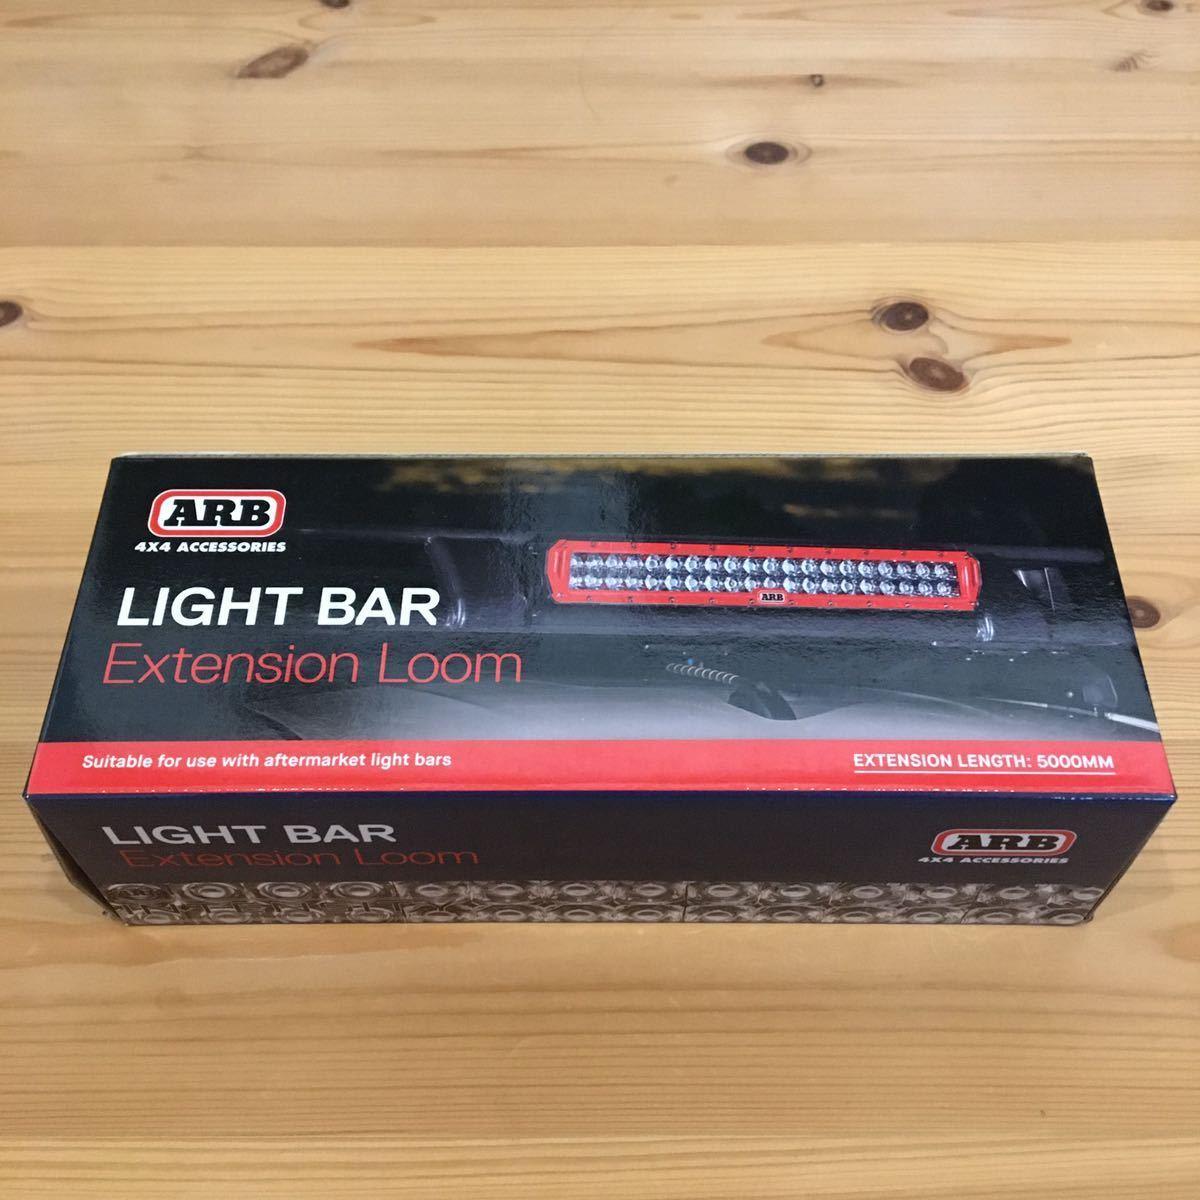 ARB LIGHT BAR Extension Loom 5000mm ライトバー 配線延長 ランクル40 60 70 80 100 200 プラド